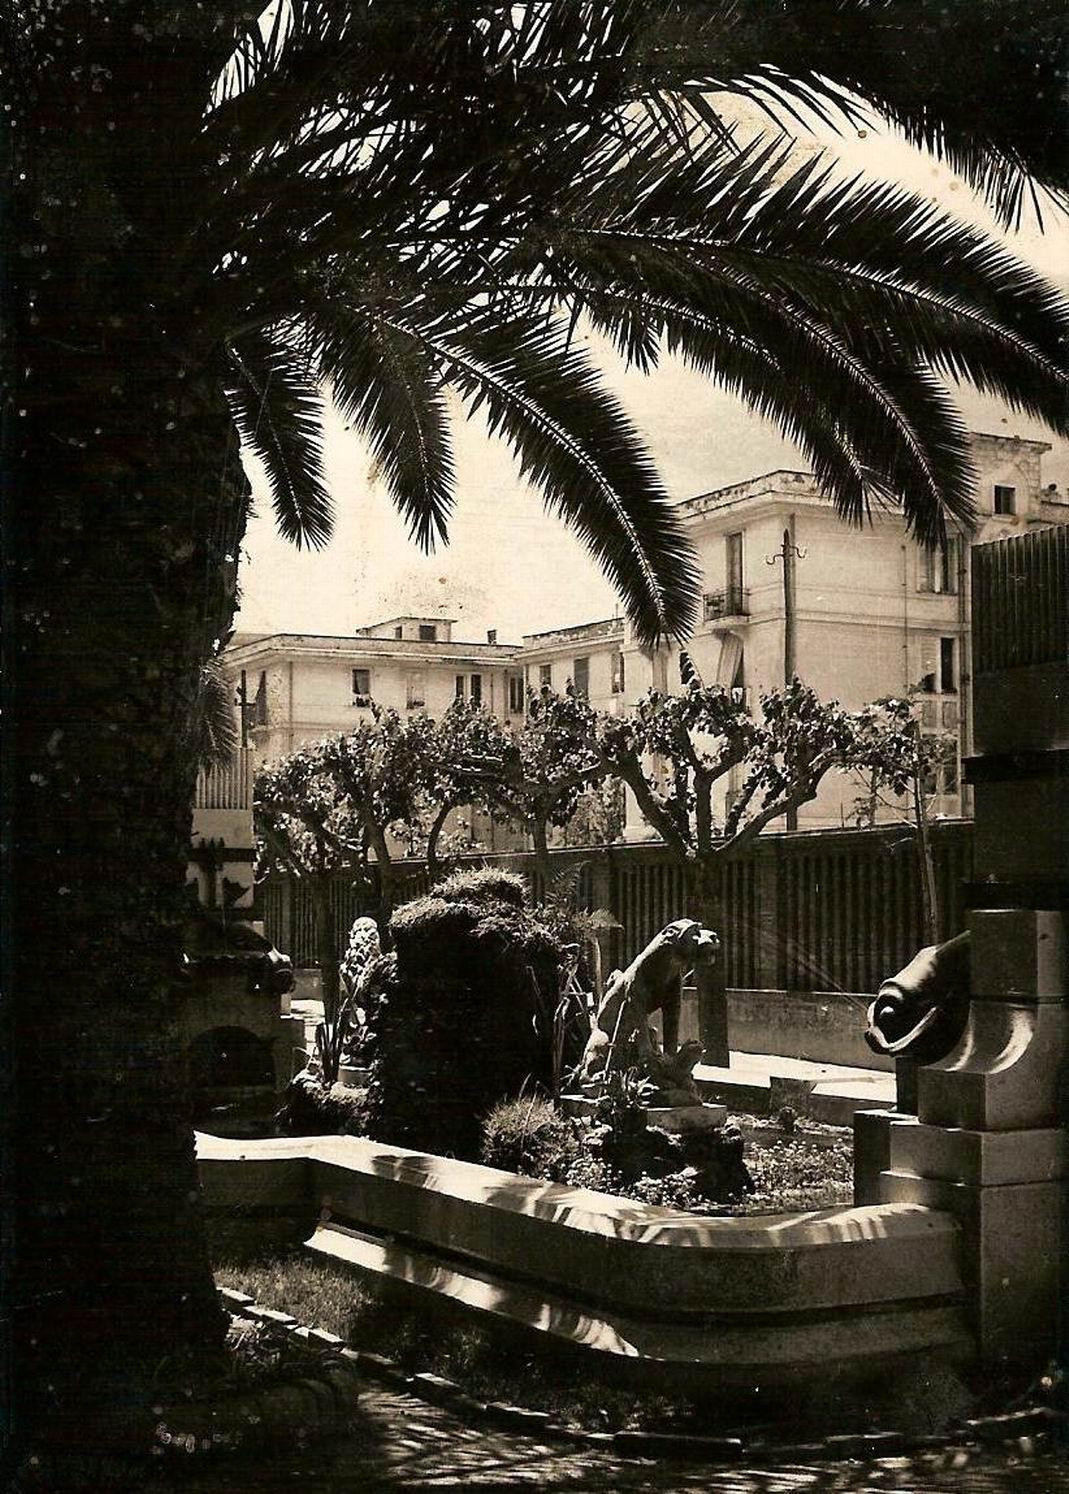 Anni '50: alcuni particolari dell'artistica fontana.